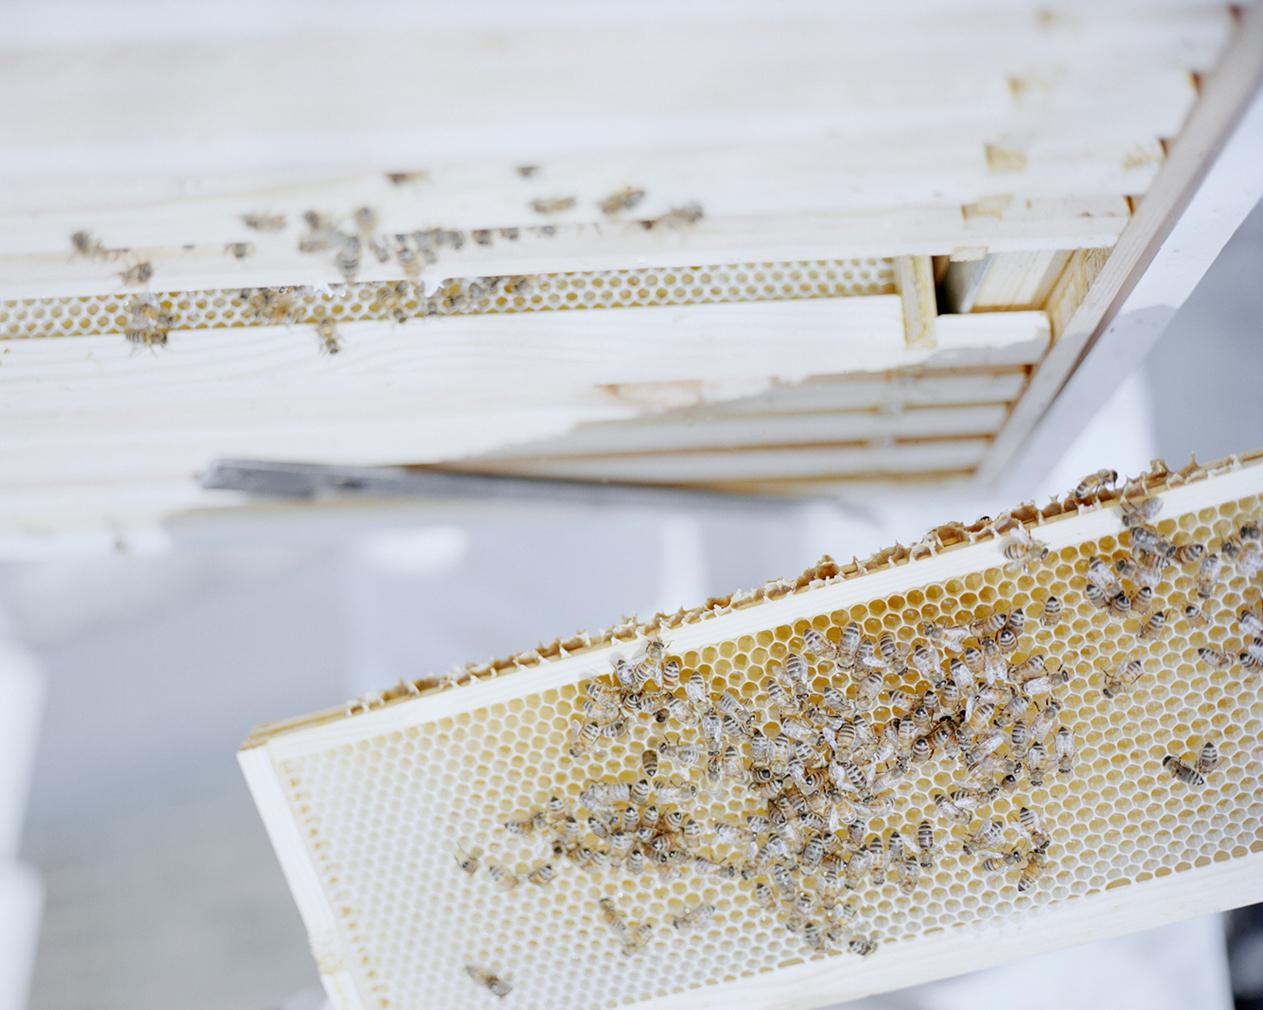 High rise honey series by Dan Mariner